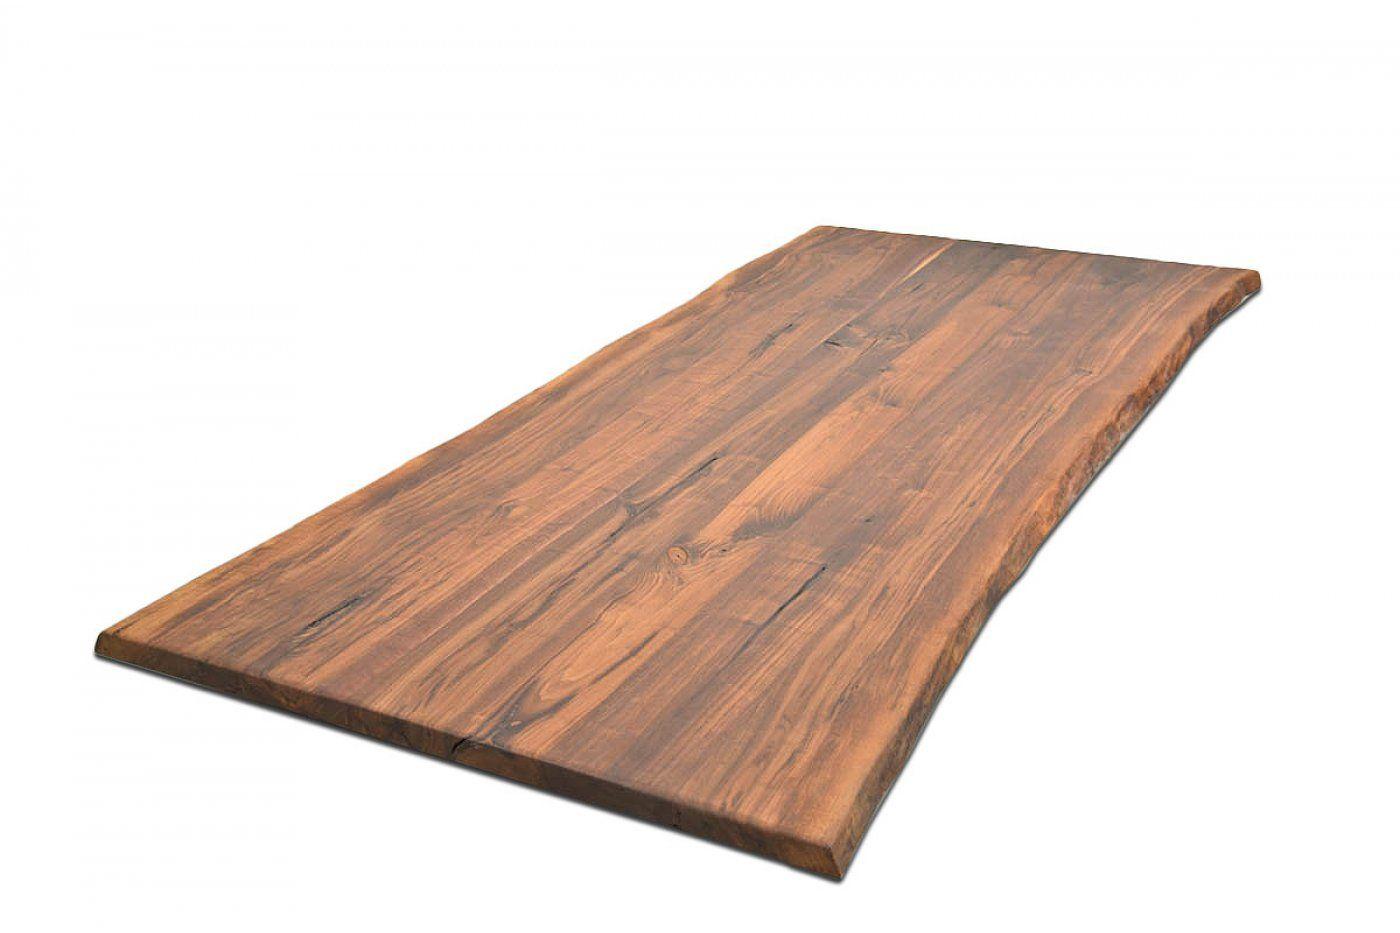 Nussbaum Tischplatte Nach Mass Massiv Mit Baumkante Wohnsektion Nussbaum Tisch Massivholz Tischplatte Tisch